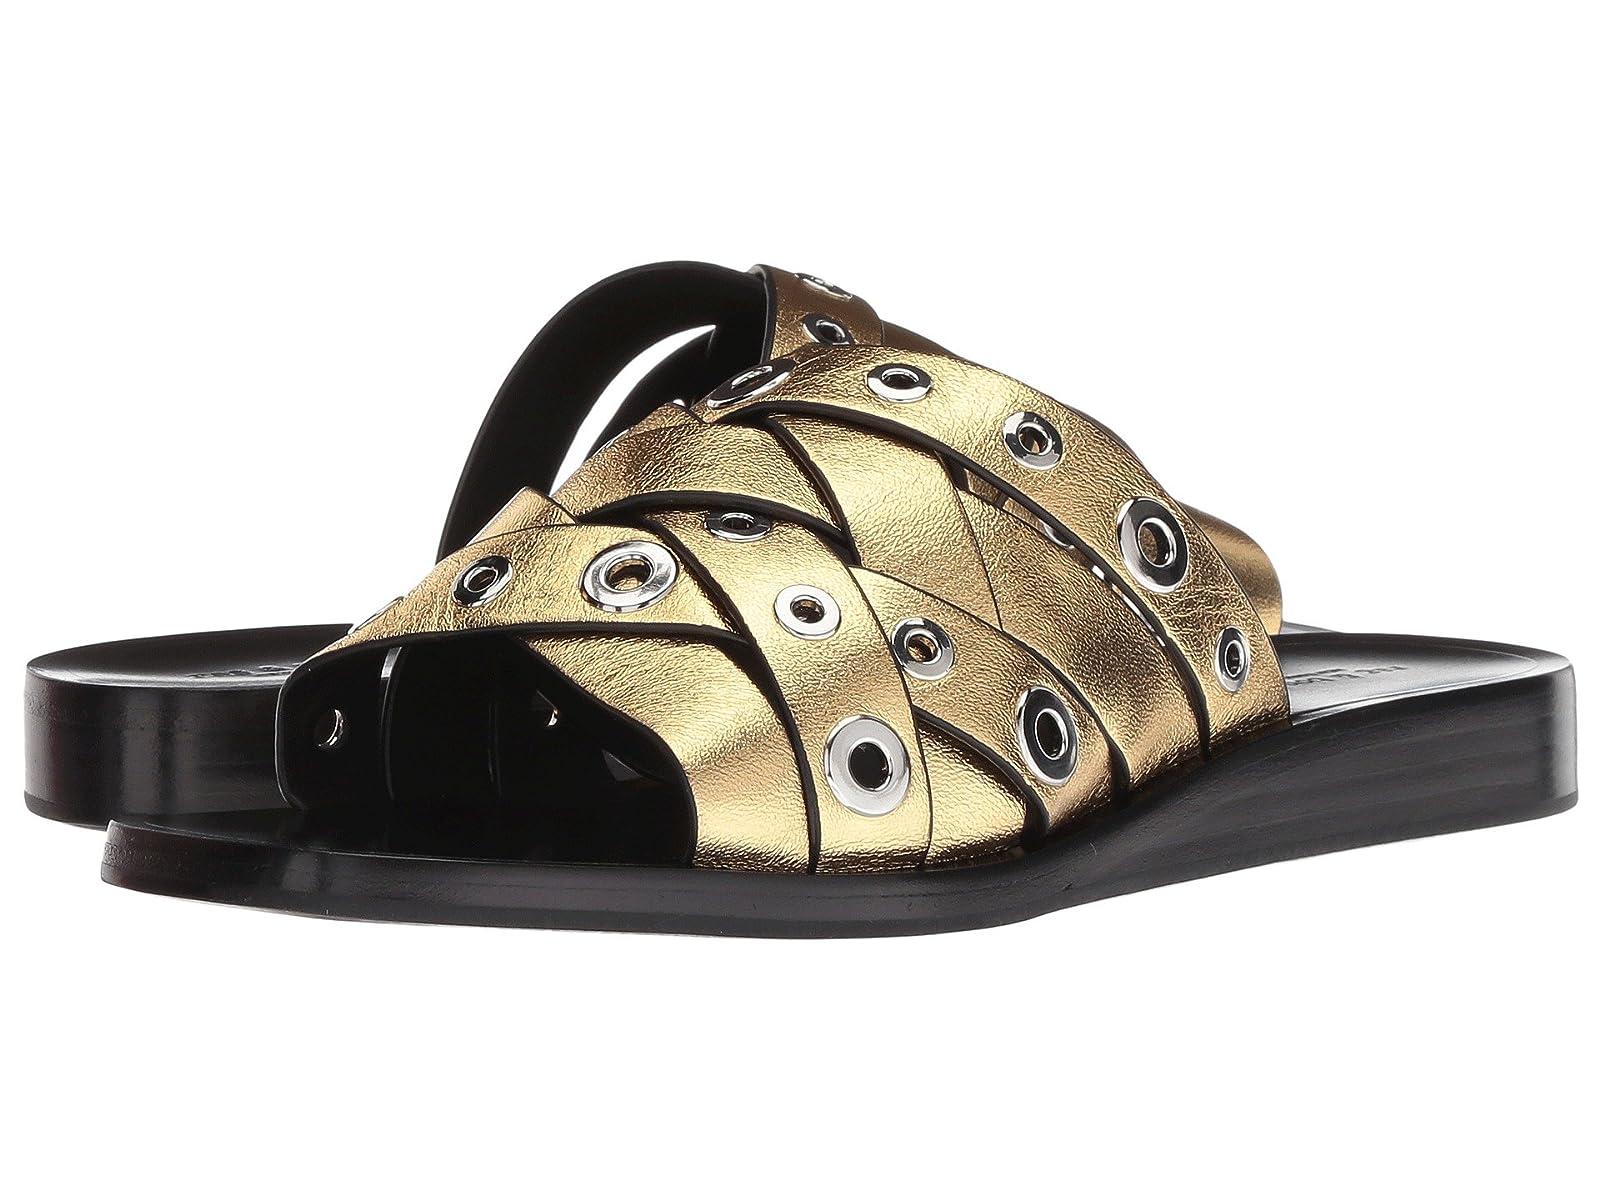 rag & bone HartleyAtmospheric grades have affordable shoes